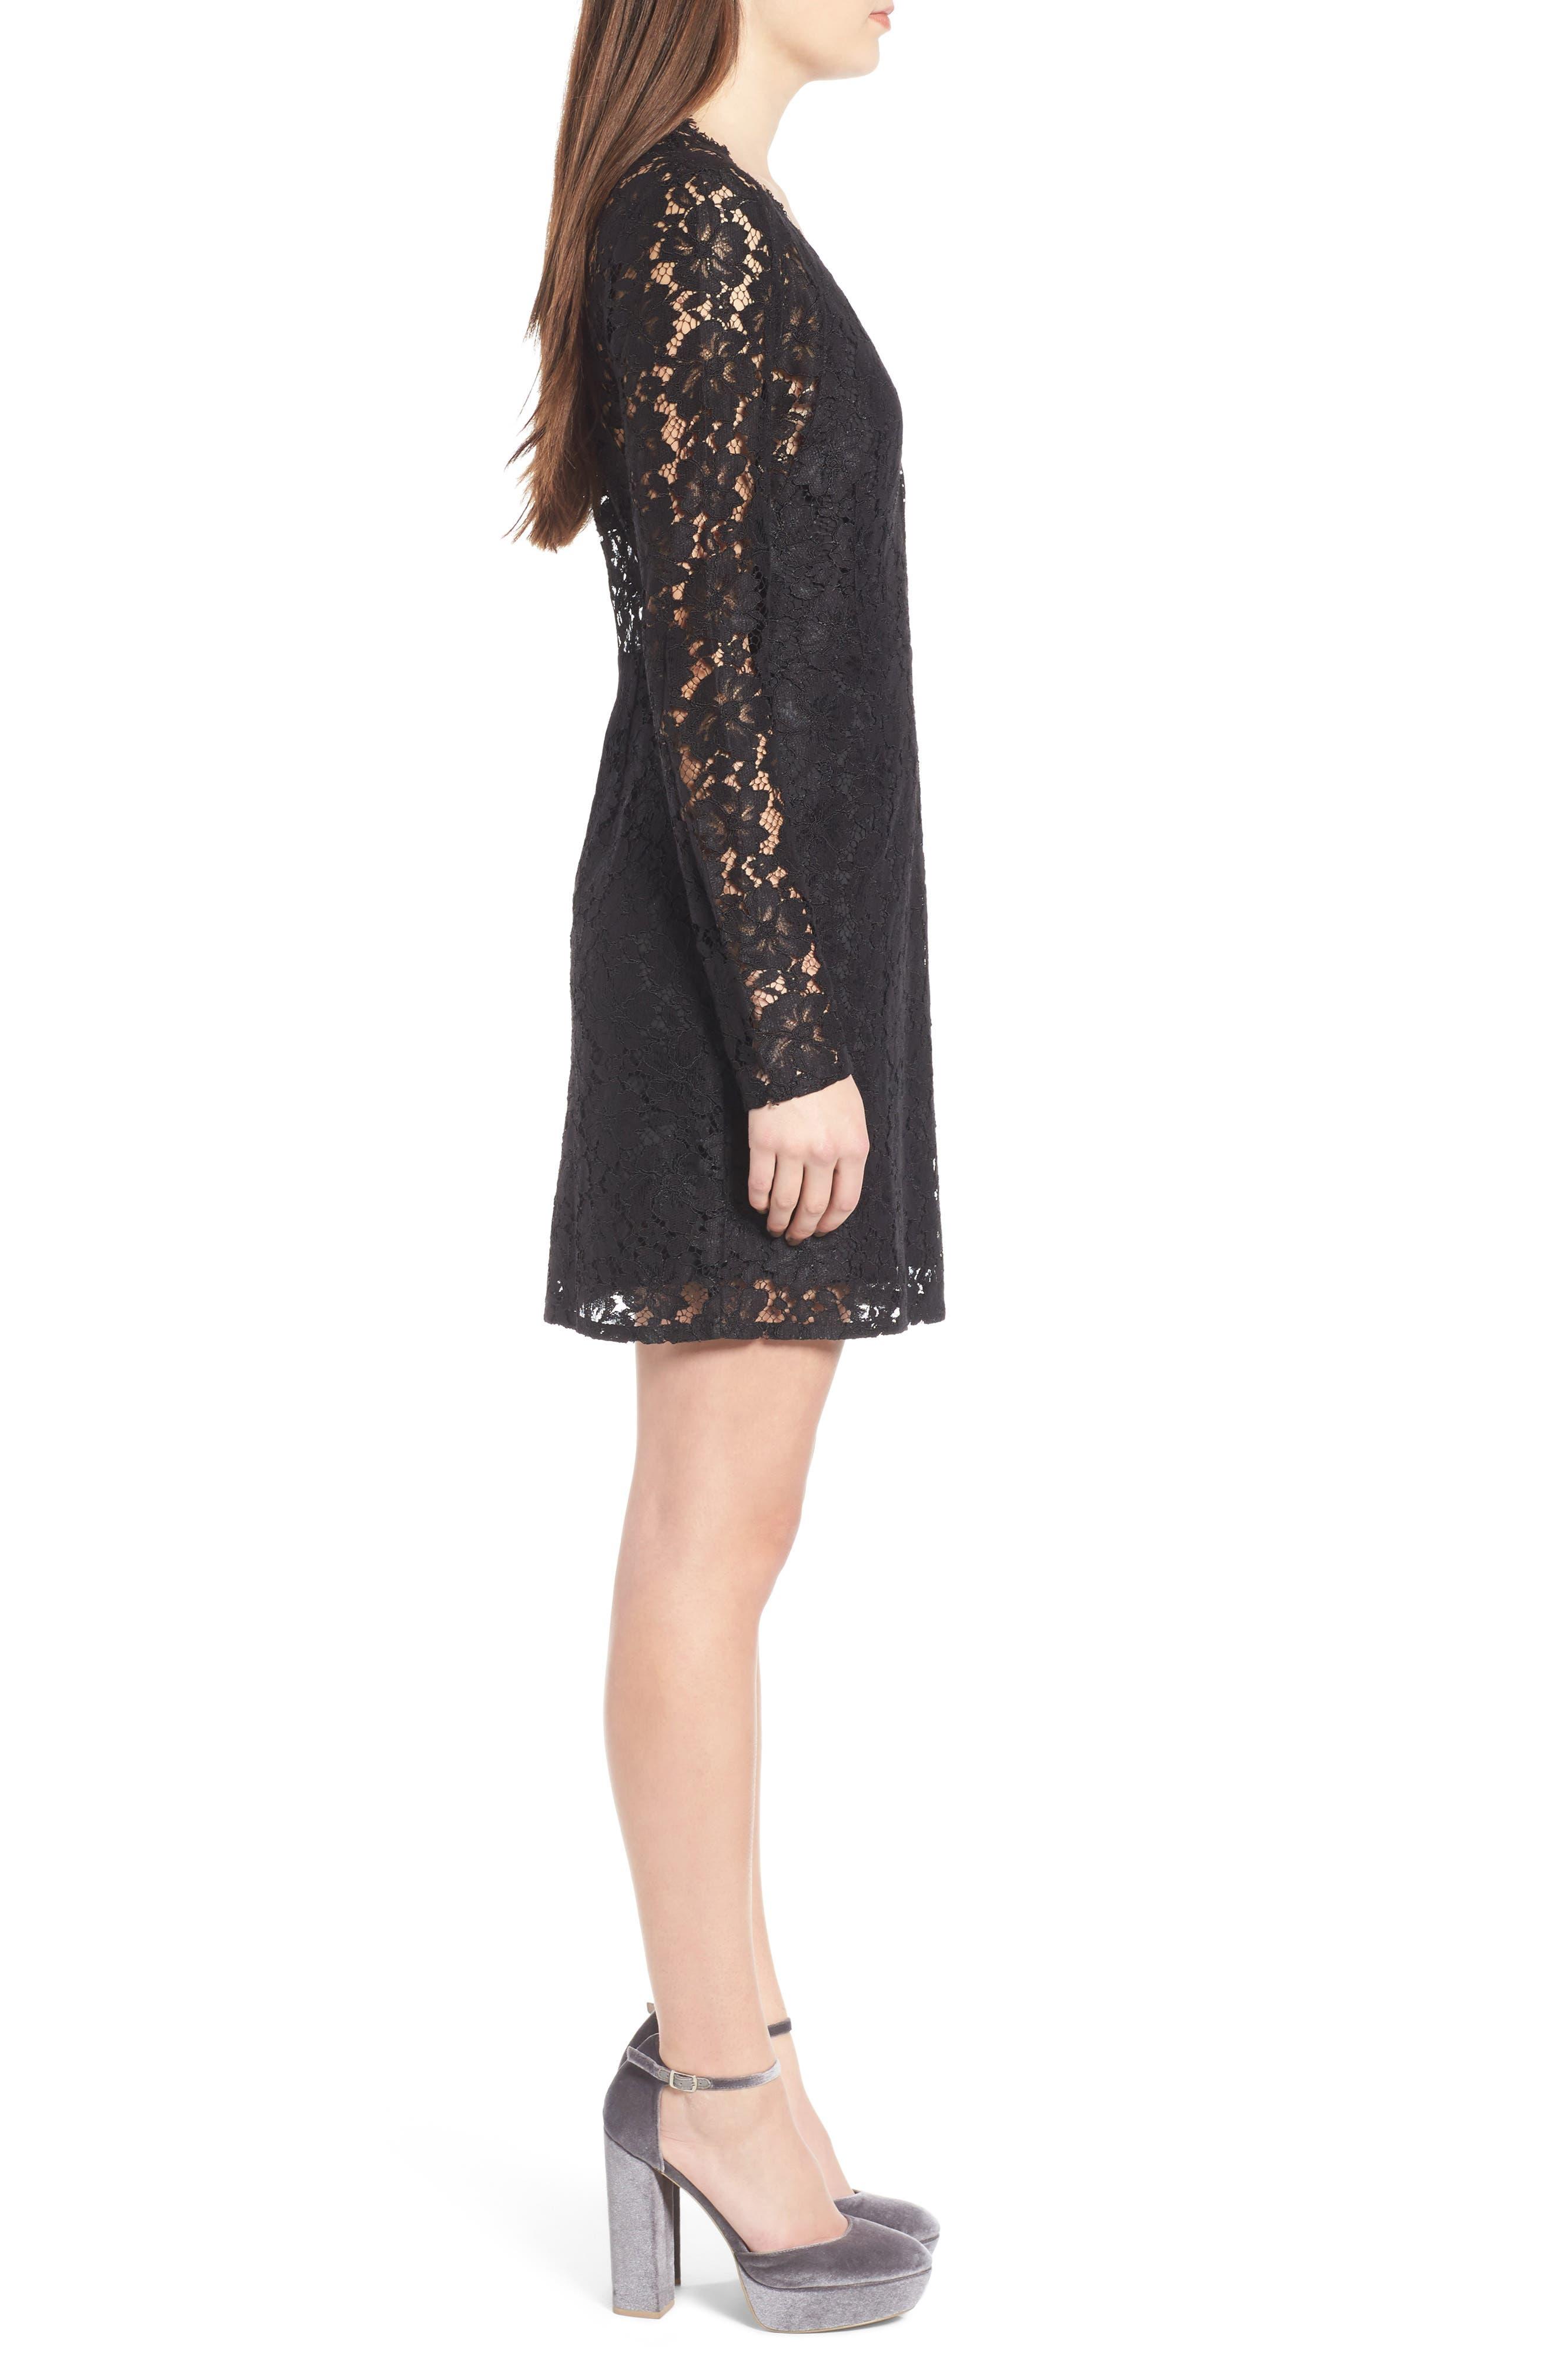 Say It Out Loud Lace Dress,                             Alternate thumbnail 7, color,                             Black